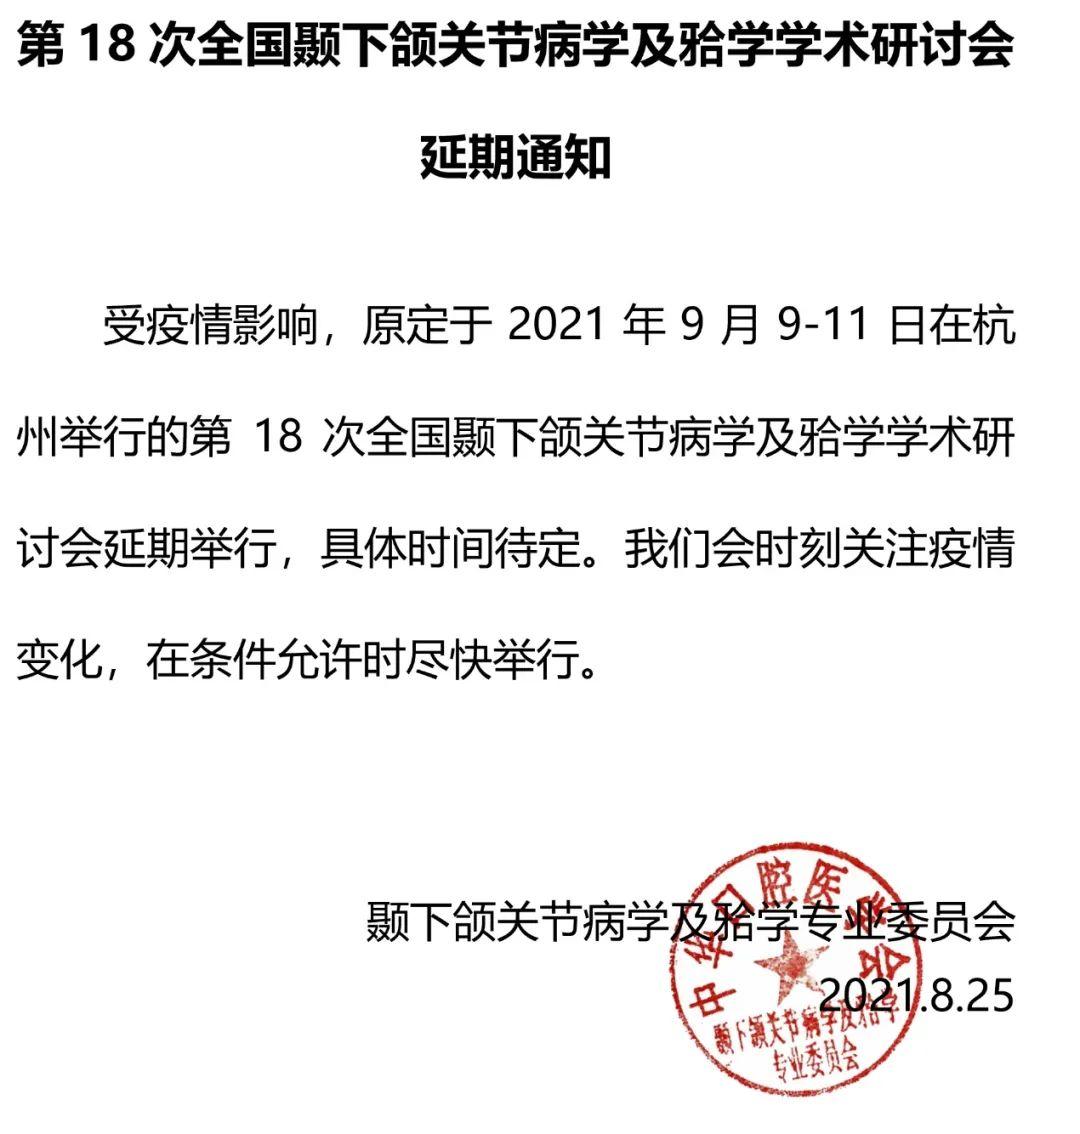 中华口腔医学会周报2021年第29期